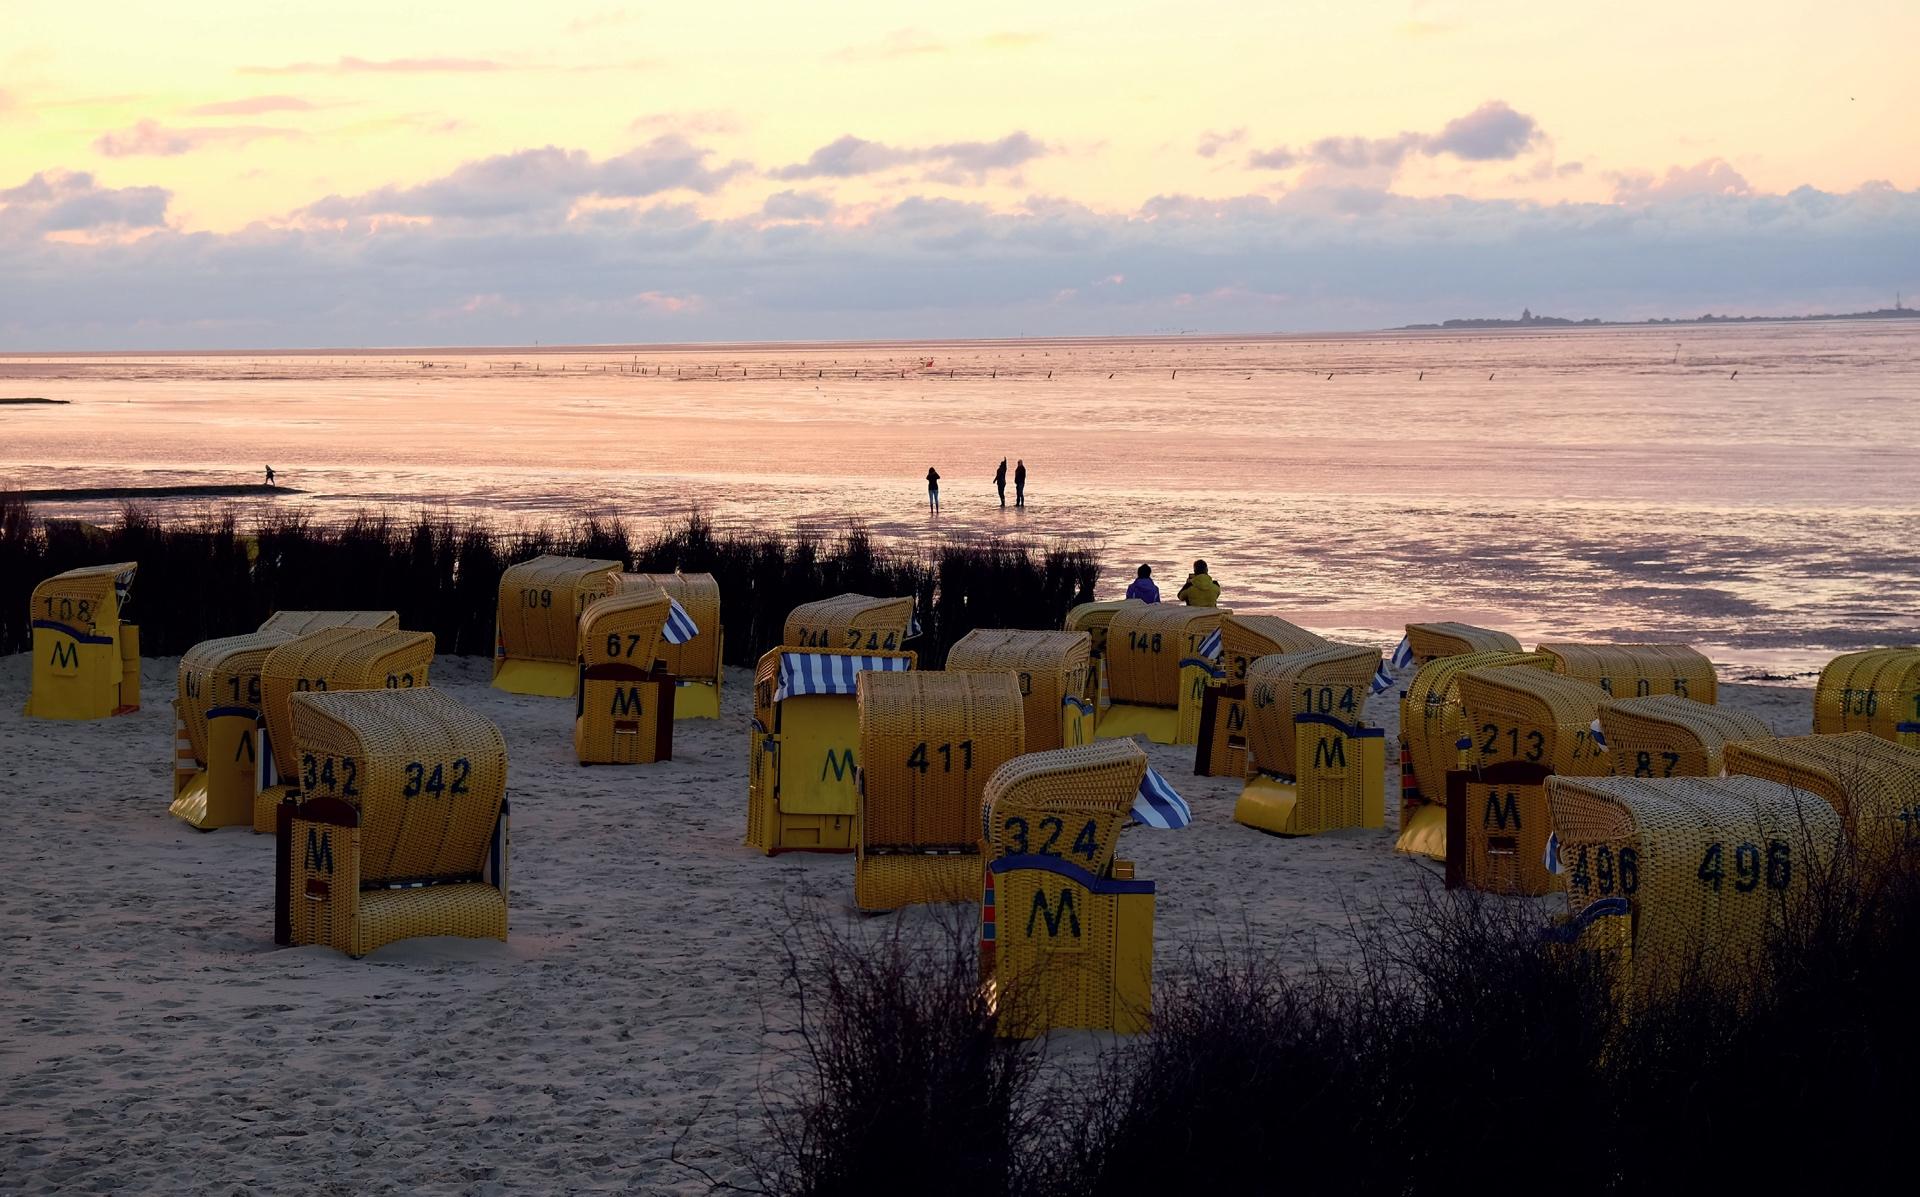 Direkt an der Strandpromenade von Duhnen/Cuxhaven: abendliche Wattenmeer-Romantik mit Strandkörben © Lutz Bormann